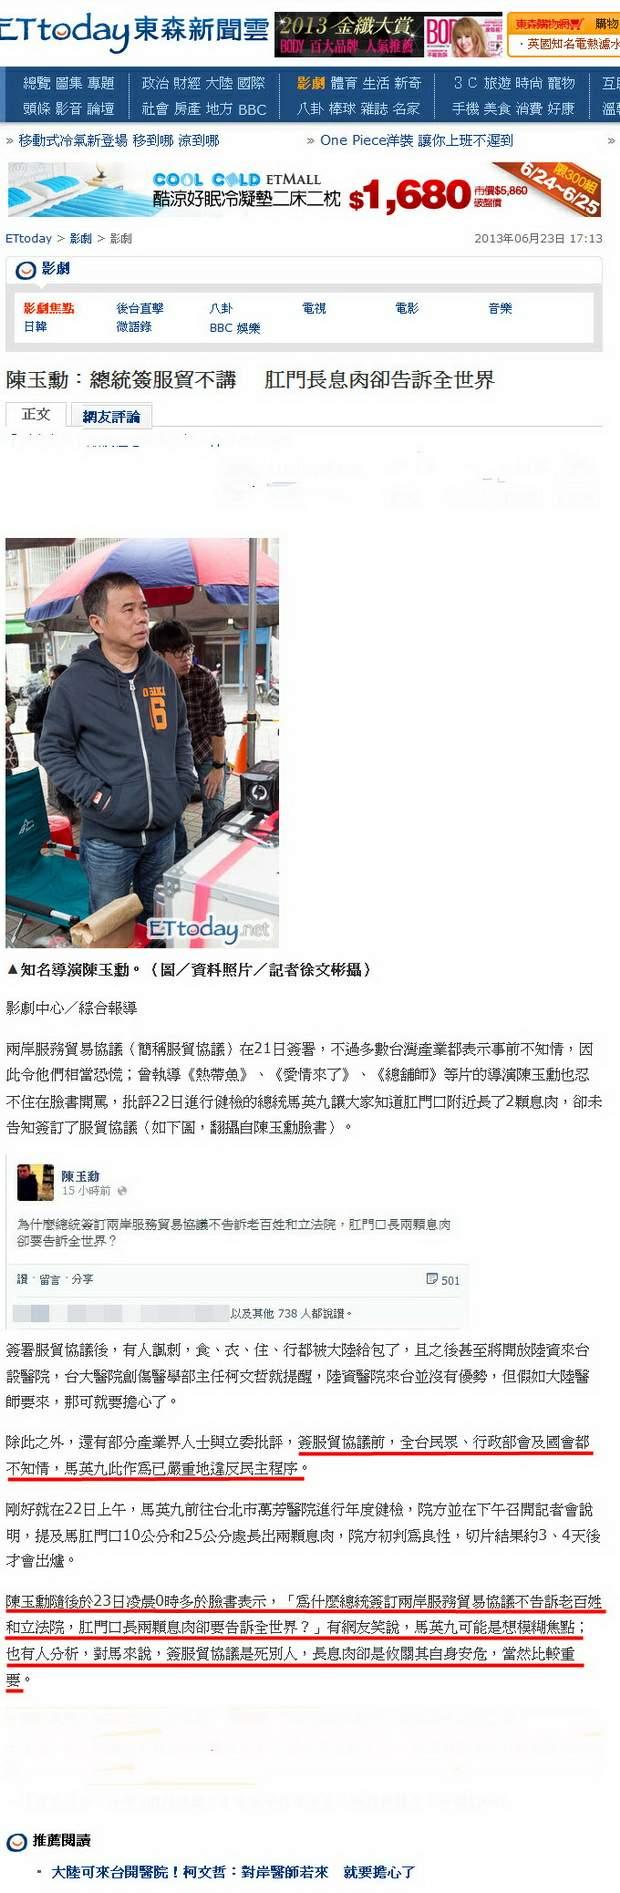 陳玉勳:總統簽服貿不講  肛門長息肉卻告訴全世界-2013.06.23